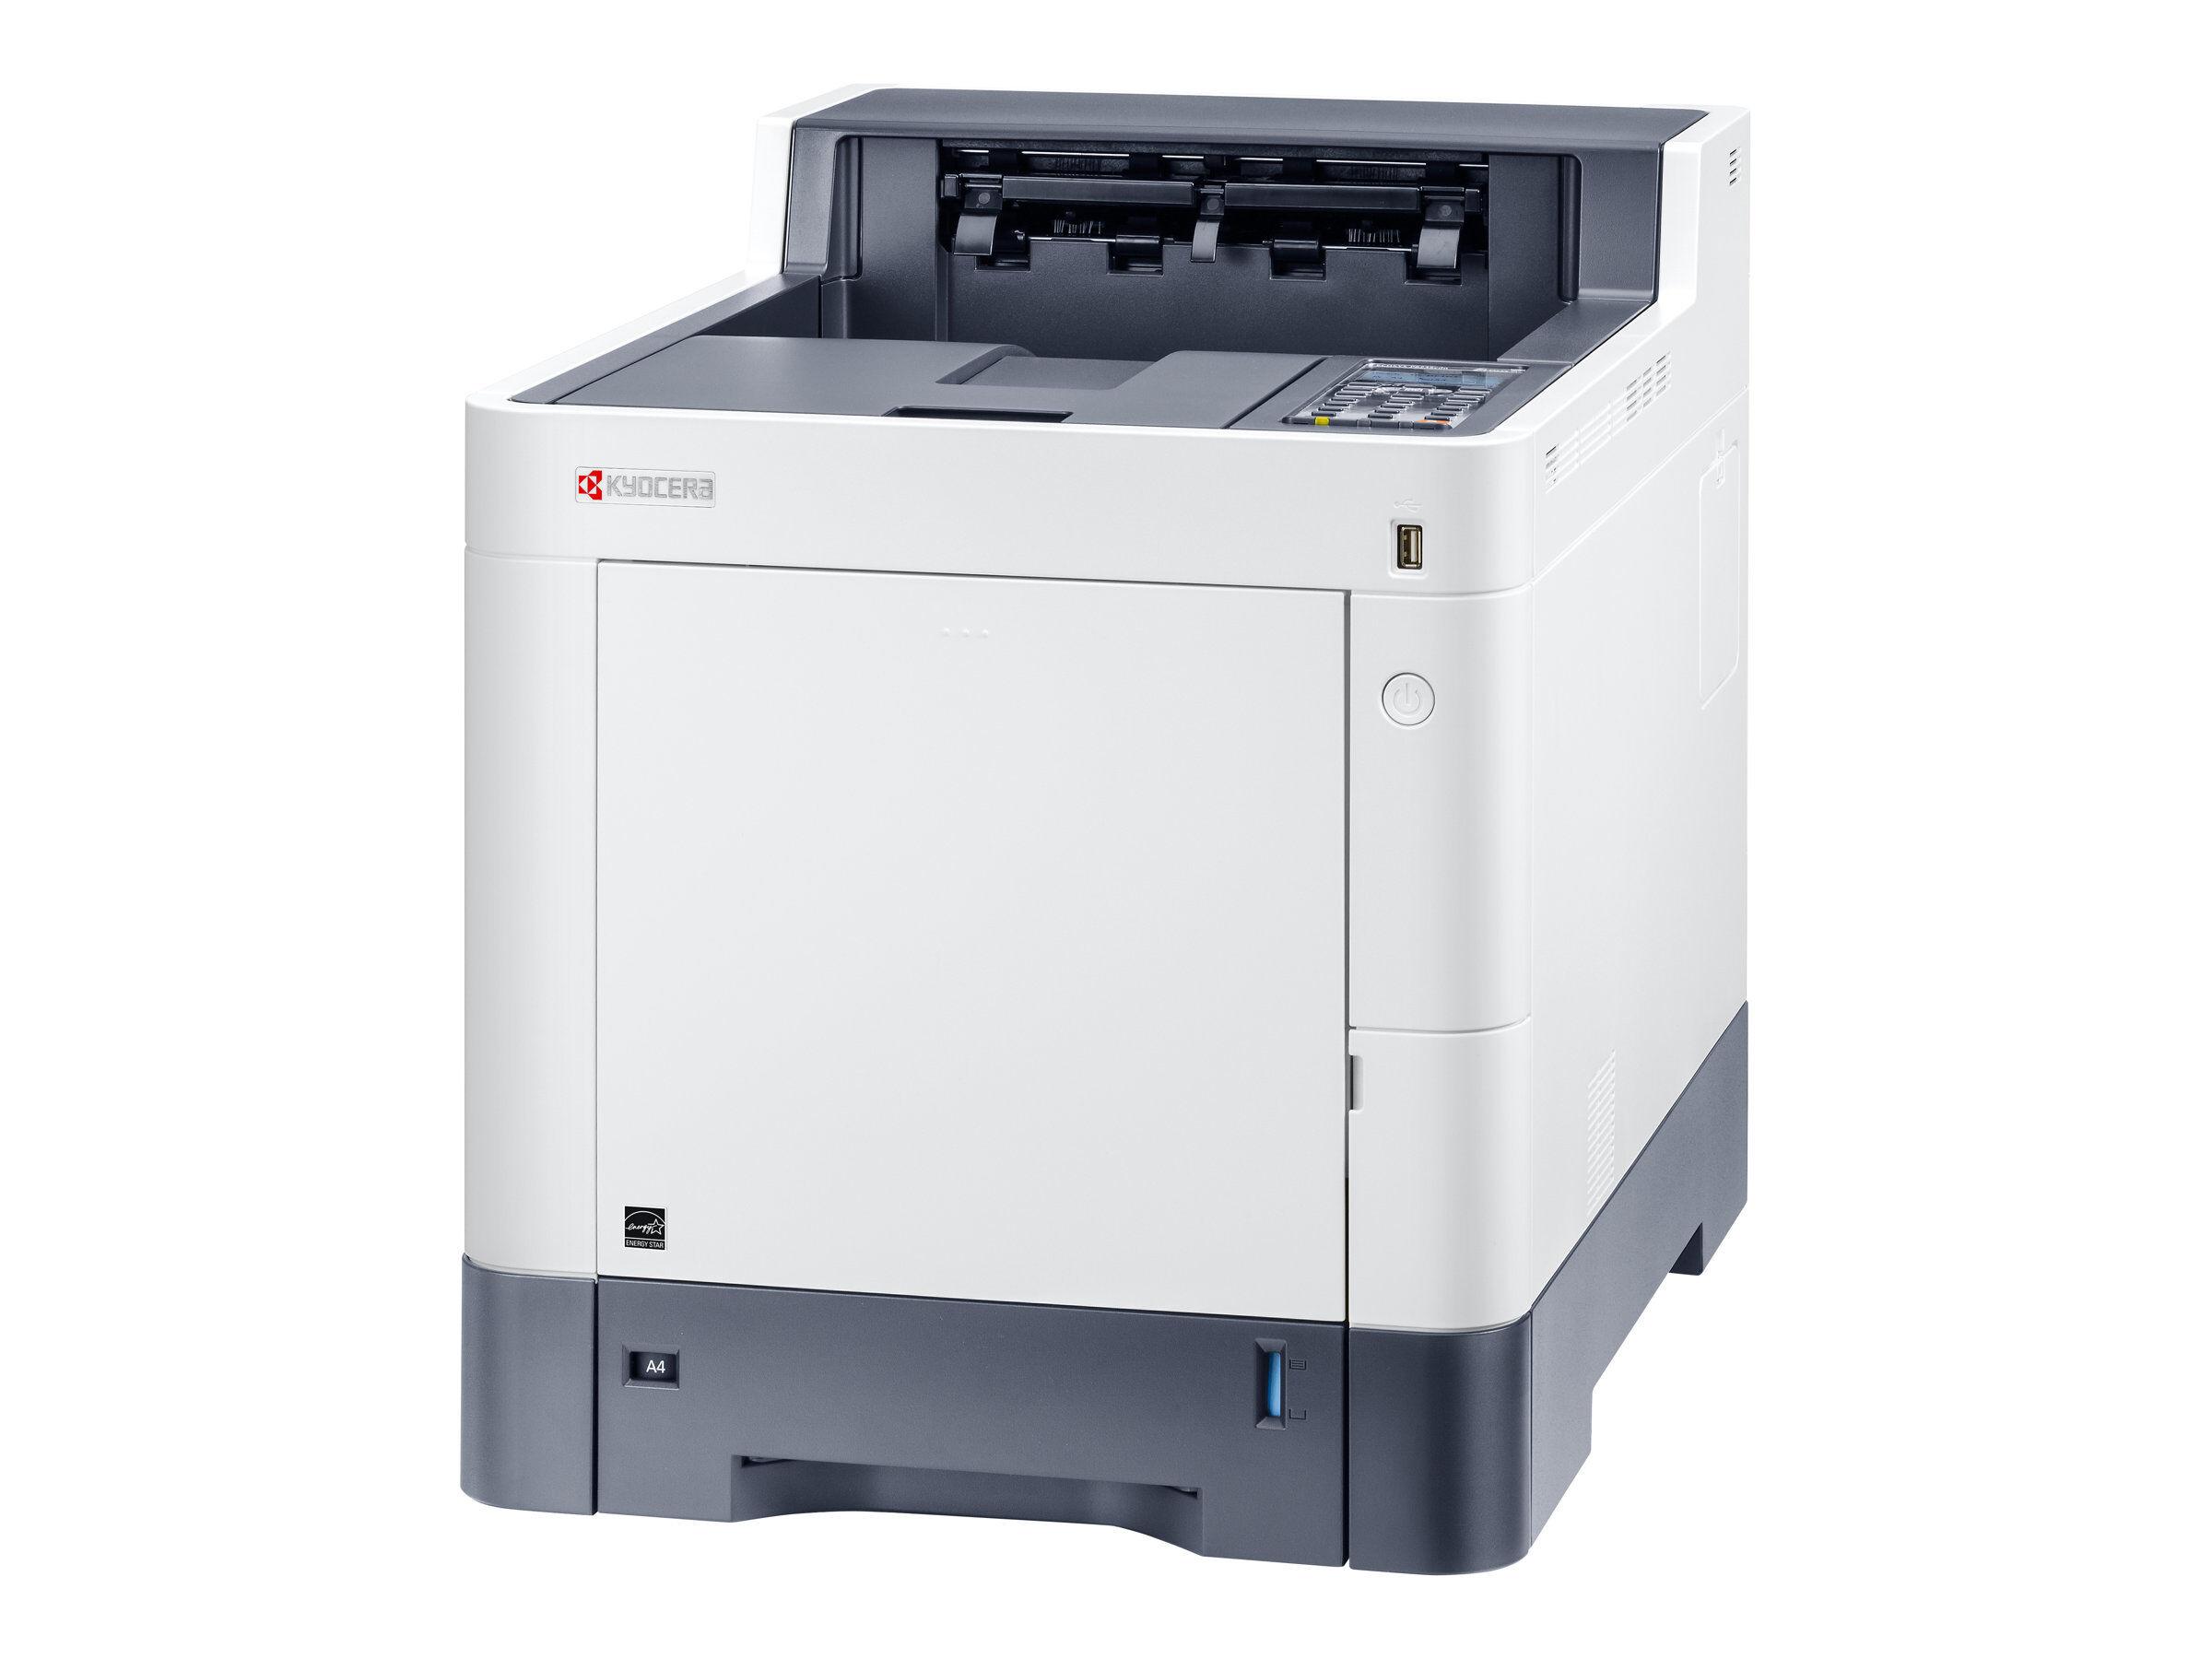 Kyocera ecosys p7240cdn - imprimante - couleur - recto-verso - laser - a4/leg...